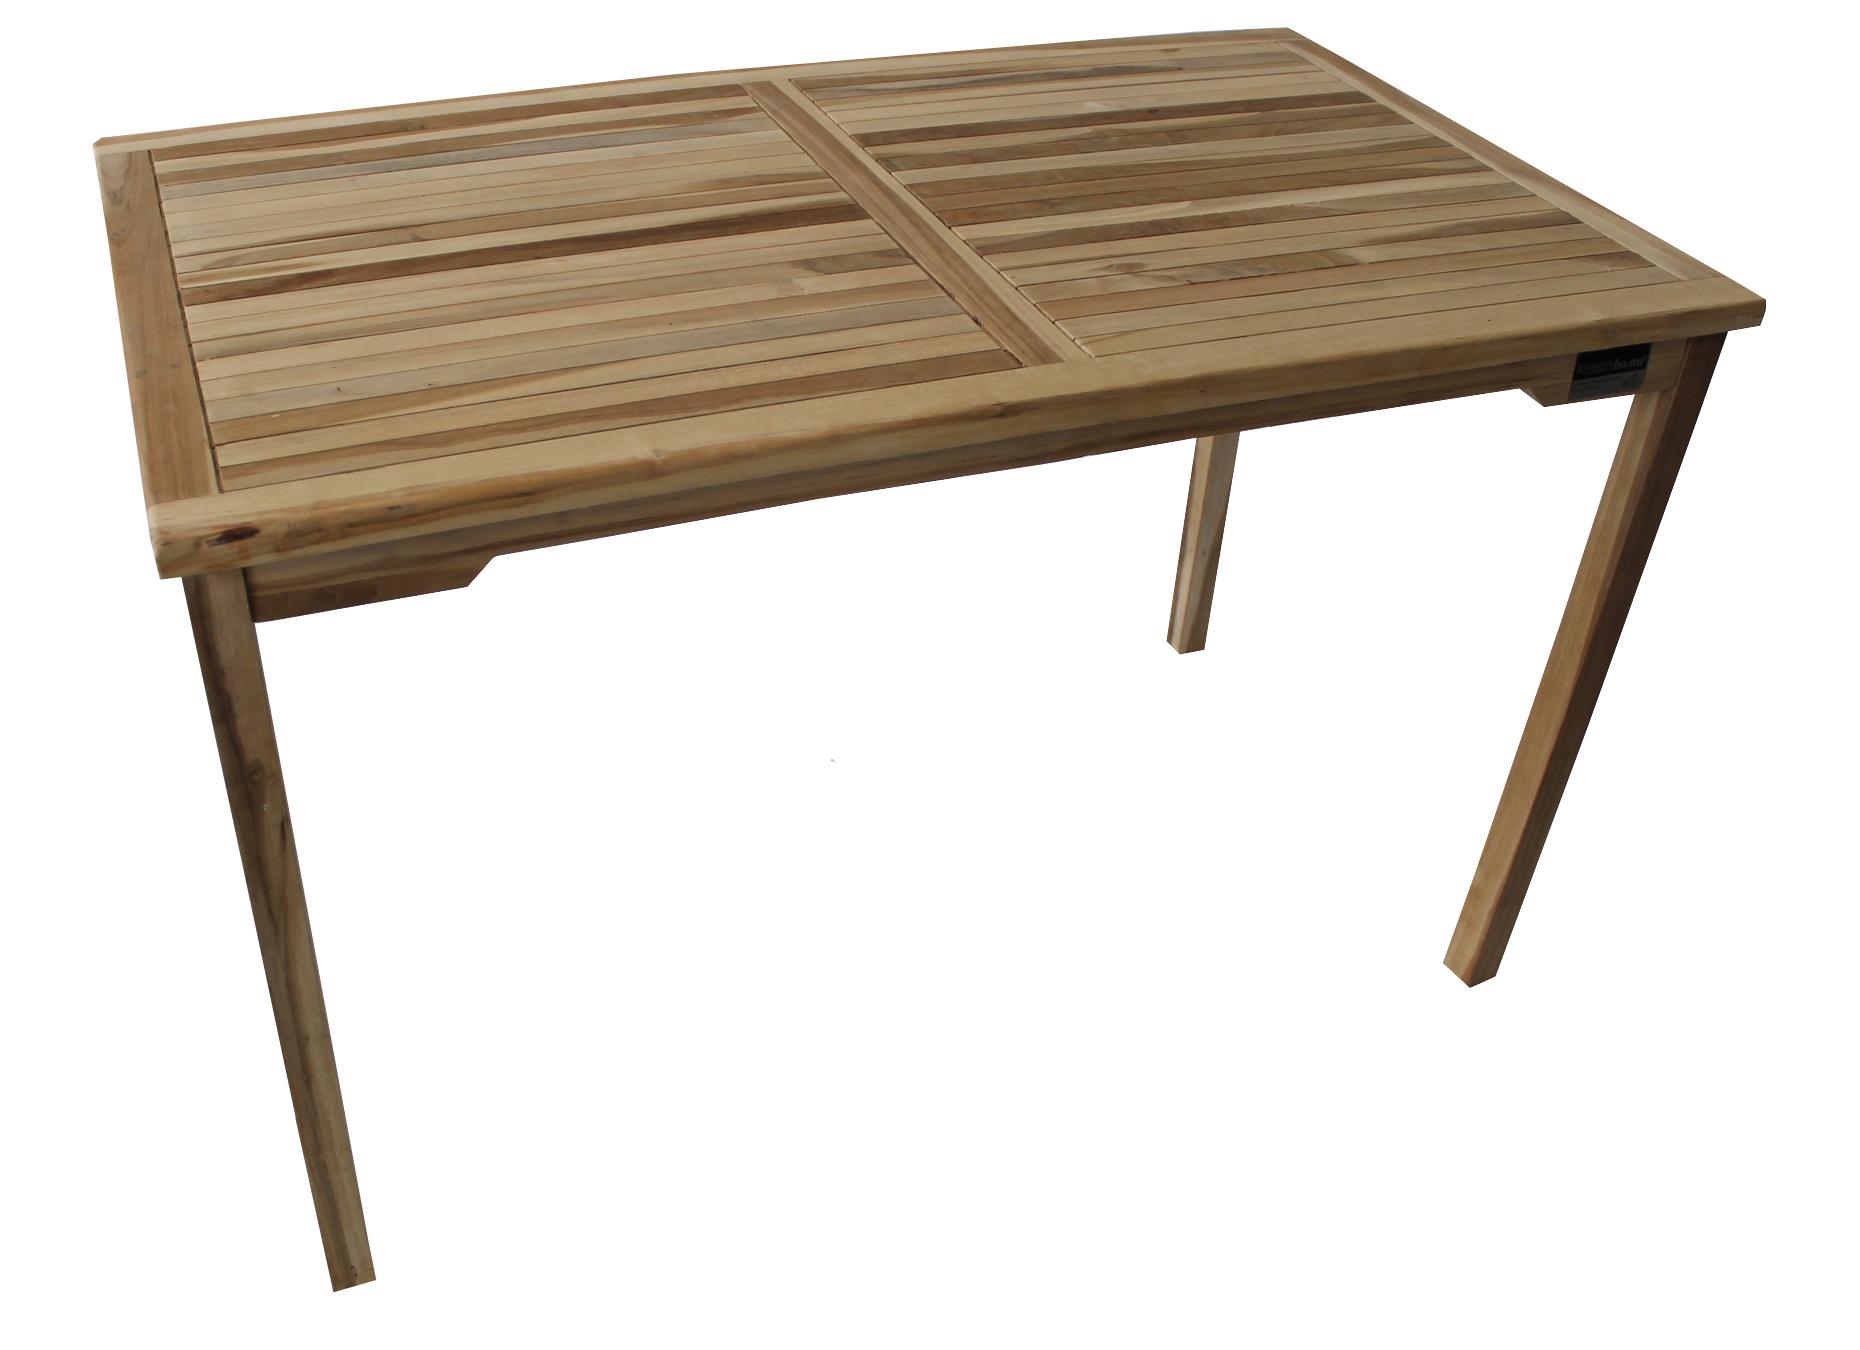 teak tisch kansas eckig 120x70x75 cm gartentisch holztisch. Black Bedroom Furniture Sets. Home Design Ideas